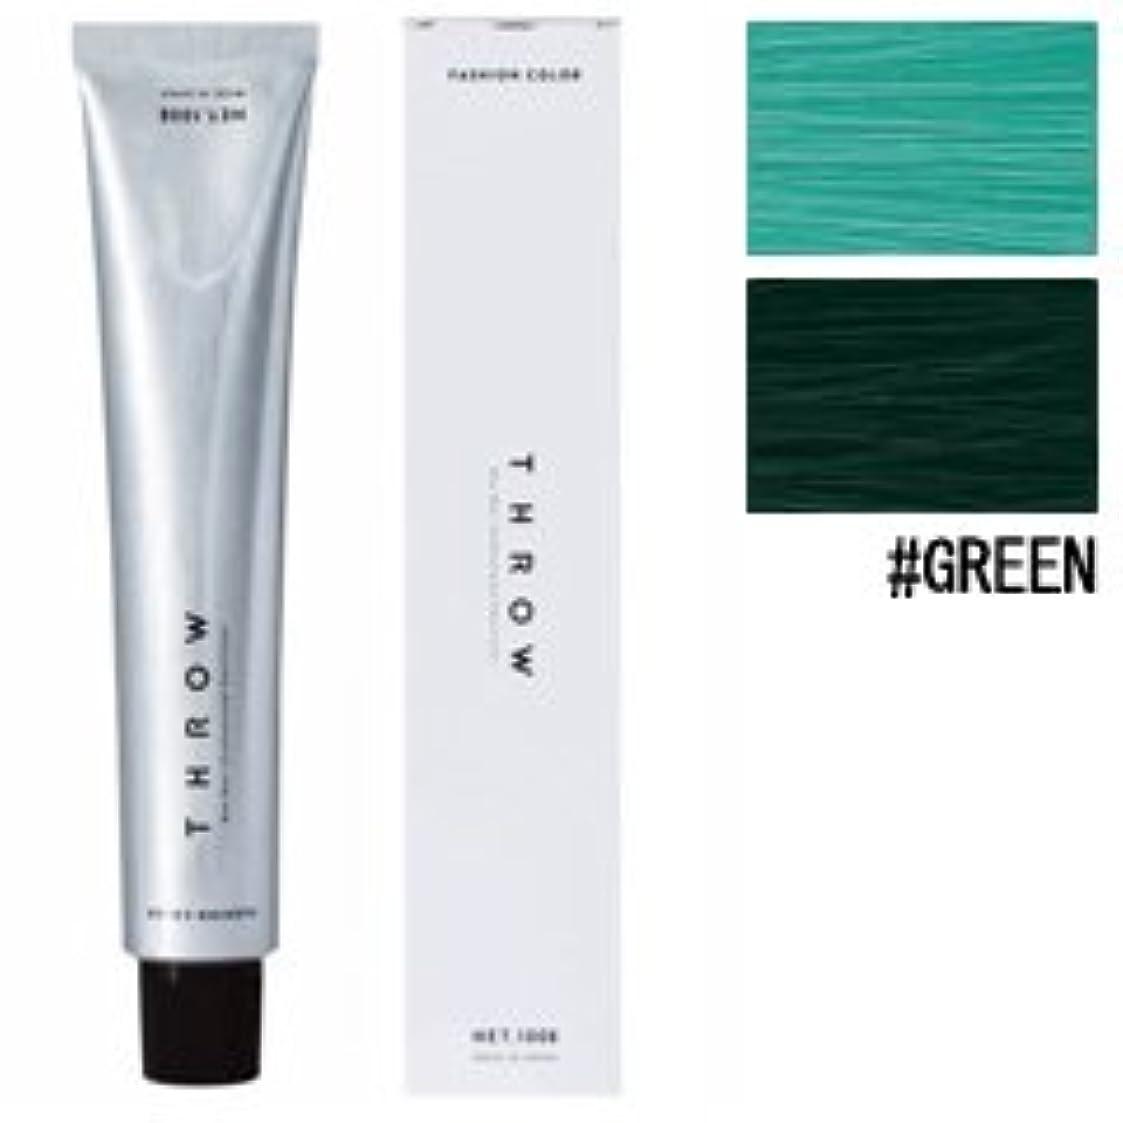 幽霊運河悪意のある【モルトベーネ】スロウ ファッションカラー #GREEN 100g